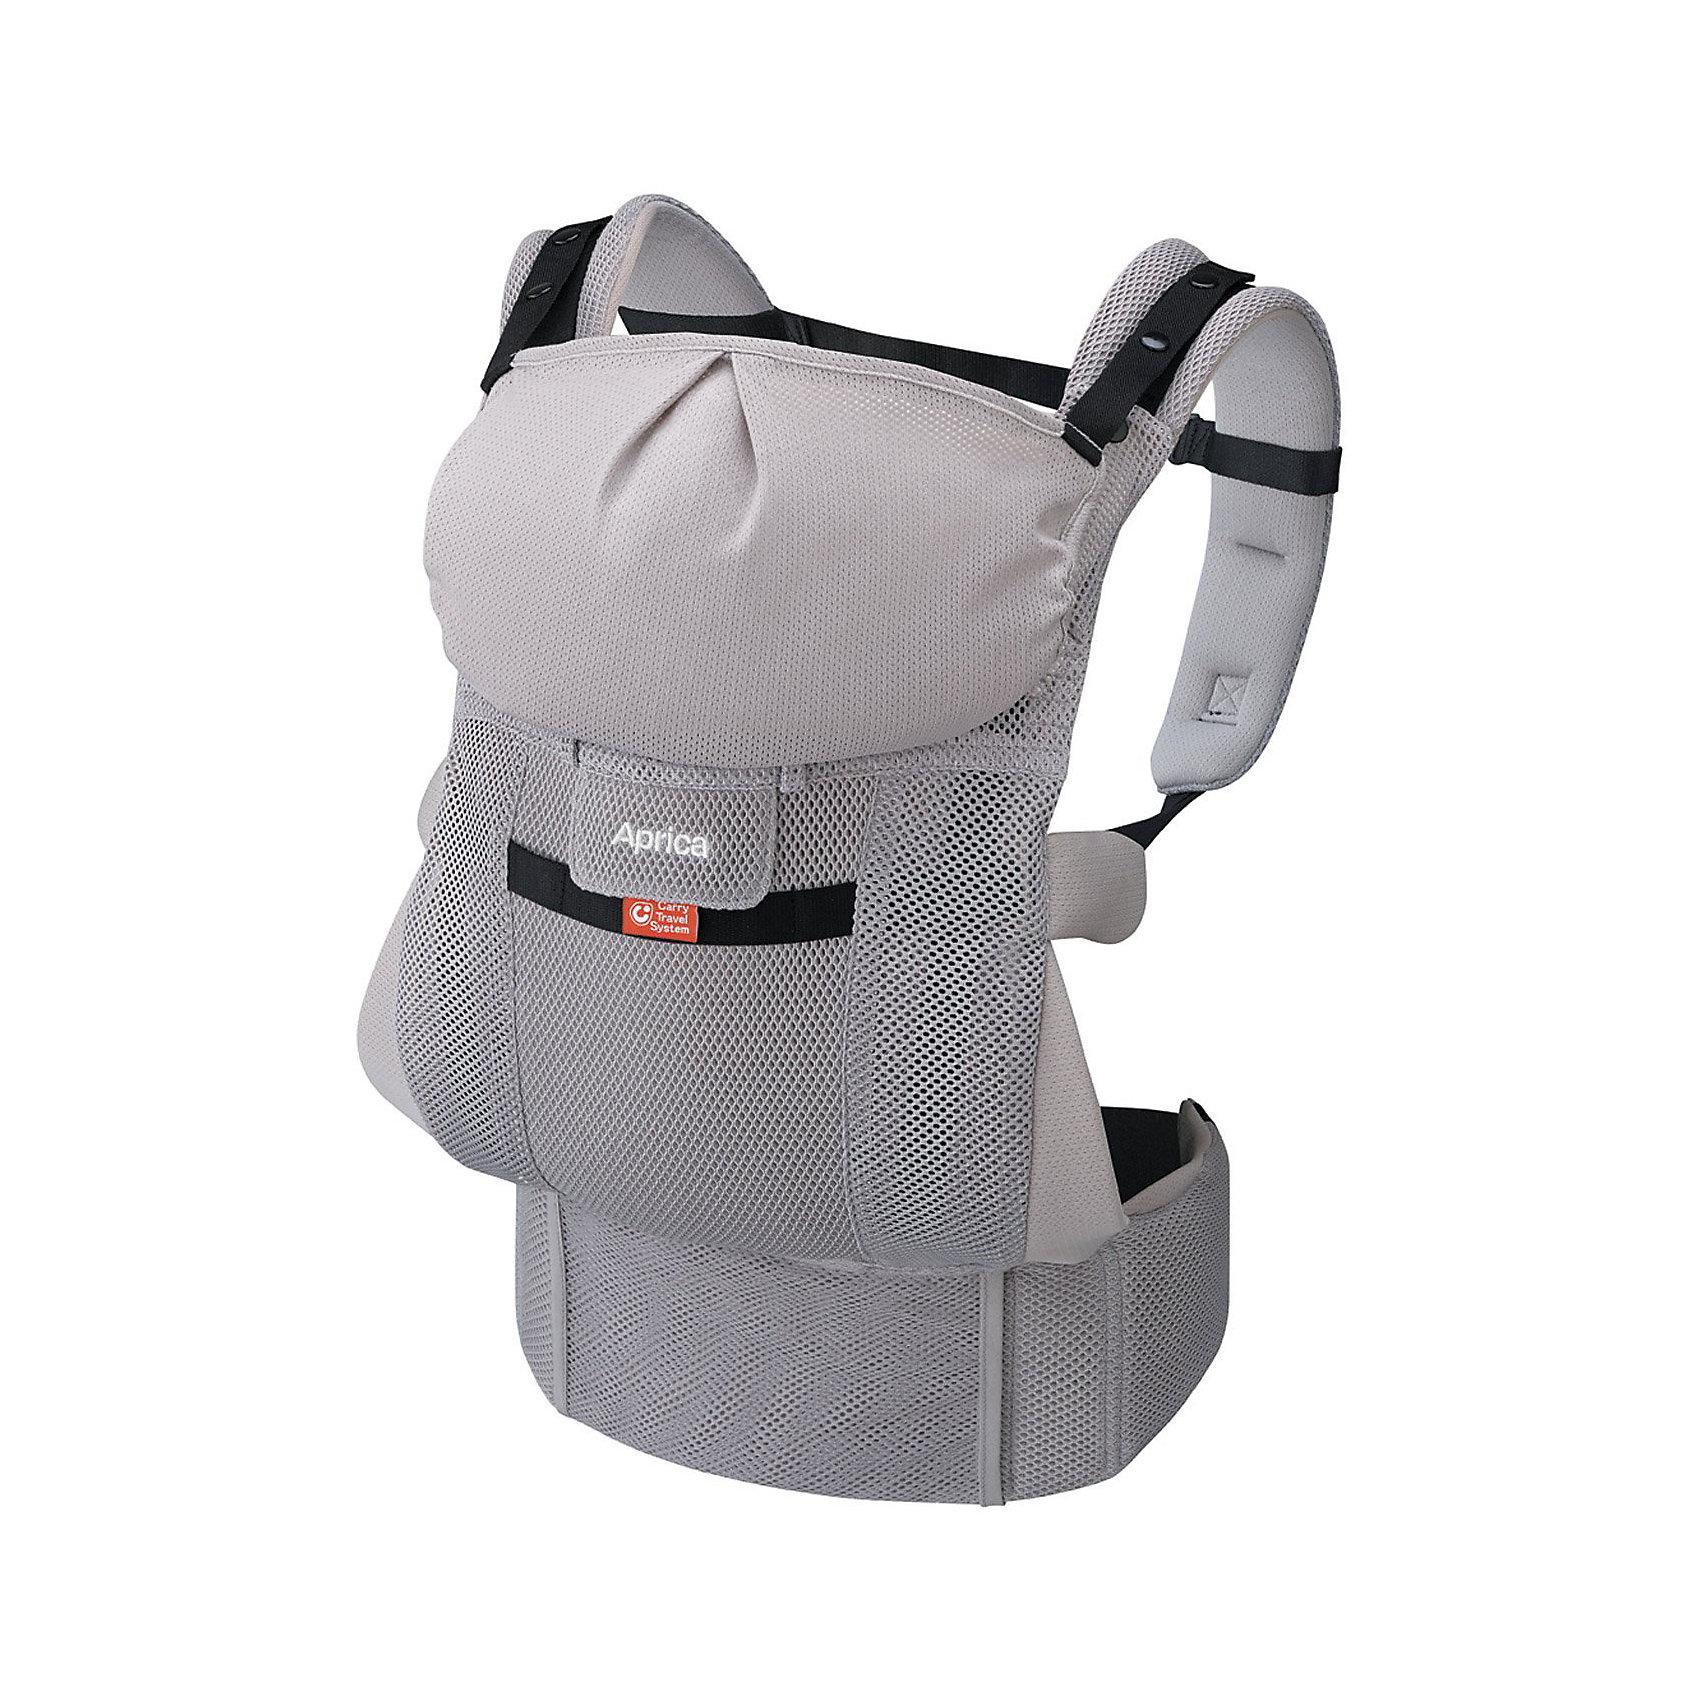 Переноска-кенгуру COLAN CTS, Aprica, серыйСлинги и рюкзаки-переноски<br>Характеристики:<br><br>• поддержка шеи и головы;<br>• анатомически правильное разведение бедер;<br>• накладки-слюнявчики защищают ремни;<br>• переноска оснащена широкими плечевыми и поясными ремнями;<br>• длина поясного ремня регулируется: 74-118 см.<br><br>Переноска помогает уменьшить нагрузку на руки родителей, когда малыш находится в переноске, нагрузка равномерно распределяется. Малыша в переноске можно уложить в коляску, чтобы при необходимости быстро взять его на руки и успокоить. <br><br>Переноску-кенгуру COLAN CTS, Aprica, цвет серый можно купить в нашем интернет-магазине.<br><br>Ширина мм: 140<br>Глубина мм: 170<br>Высота мм: 290<br>Вес г: 5600<br>Возраст от месяцев: 0<br>Возраст до месяцев: 36<br>Пол: Унисекс<br>Возраст: Детский<br>SKU: 5451730